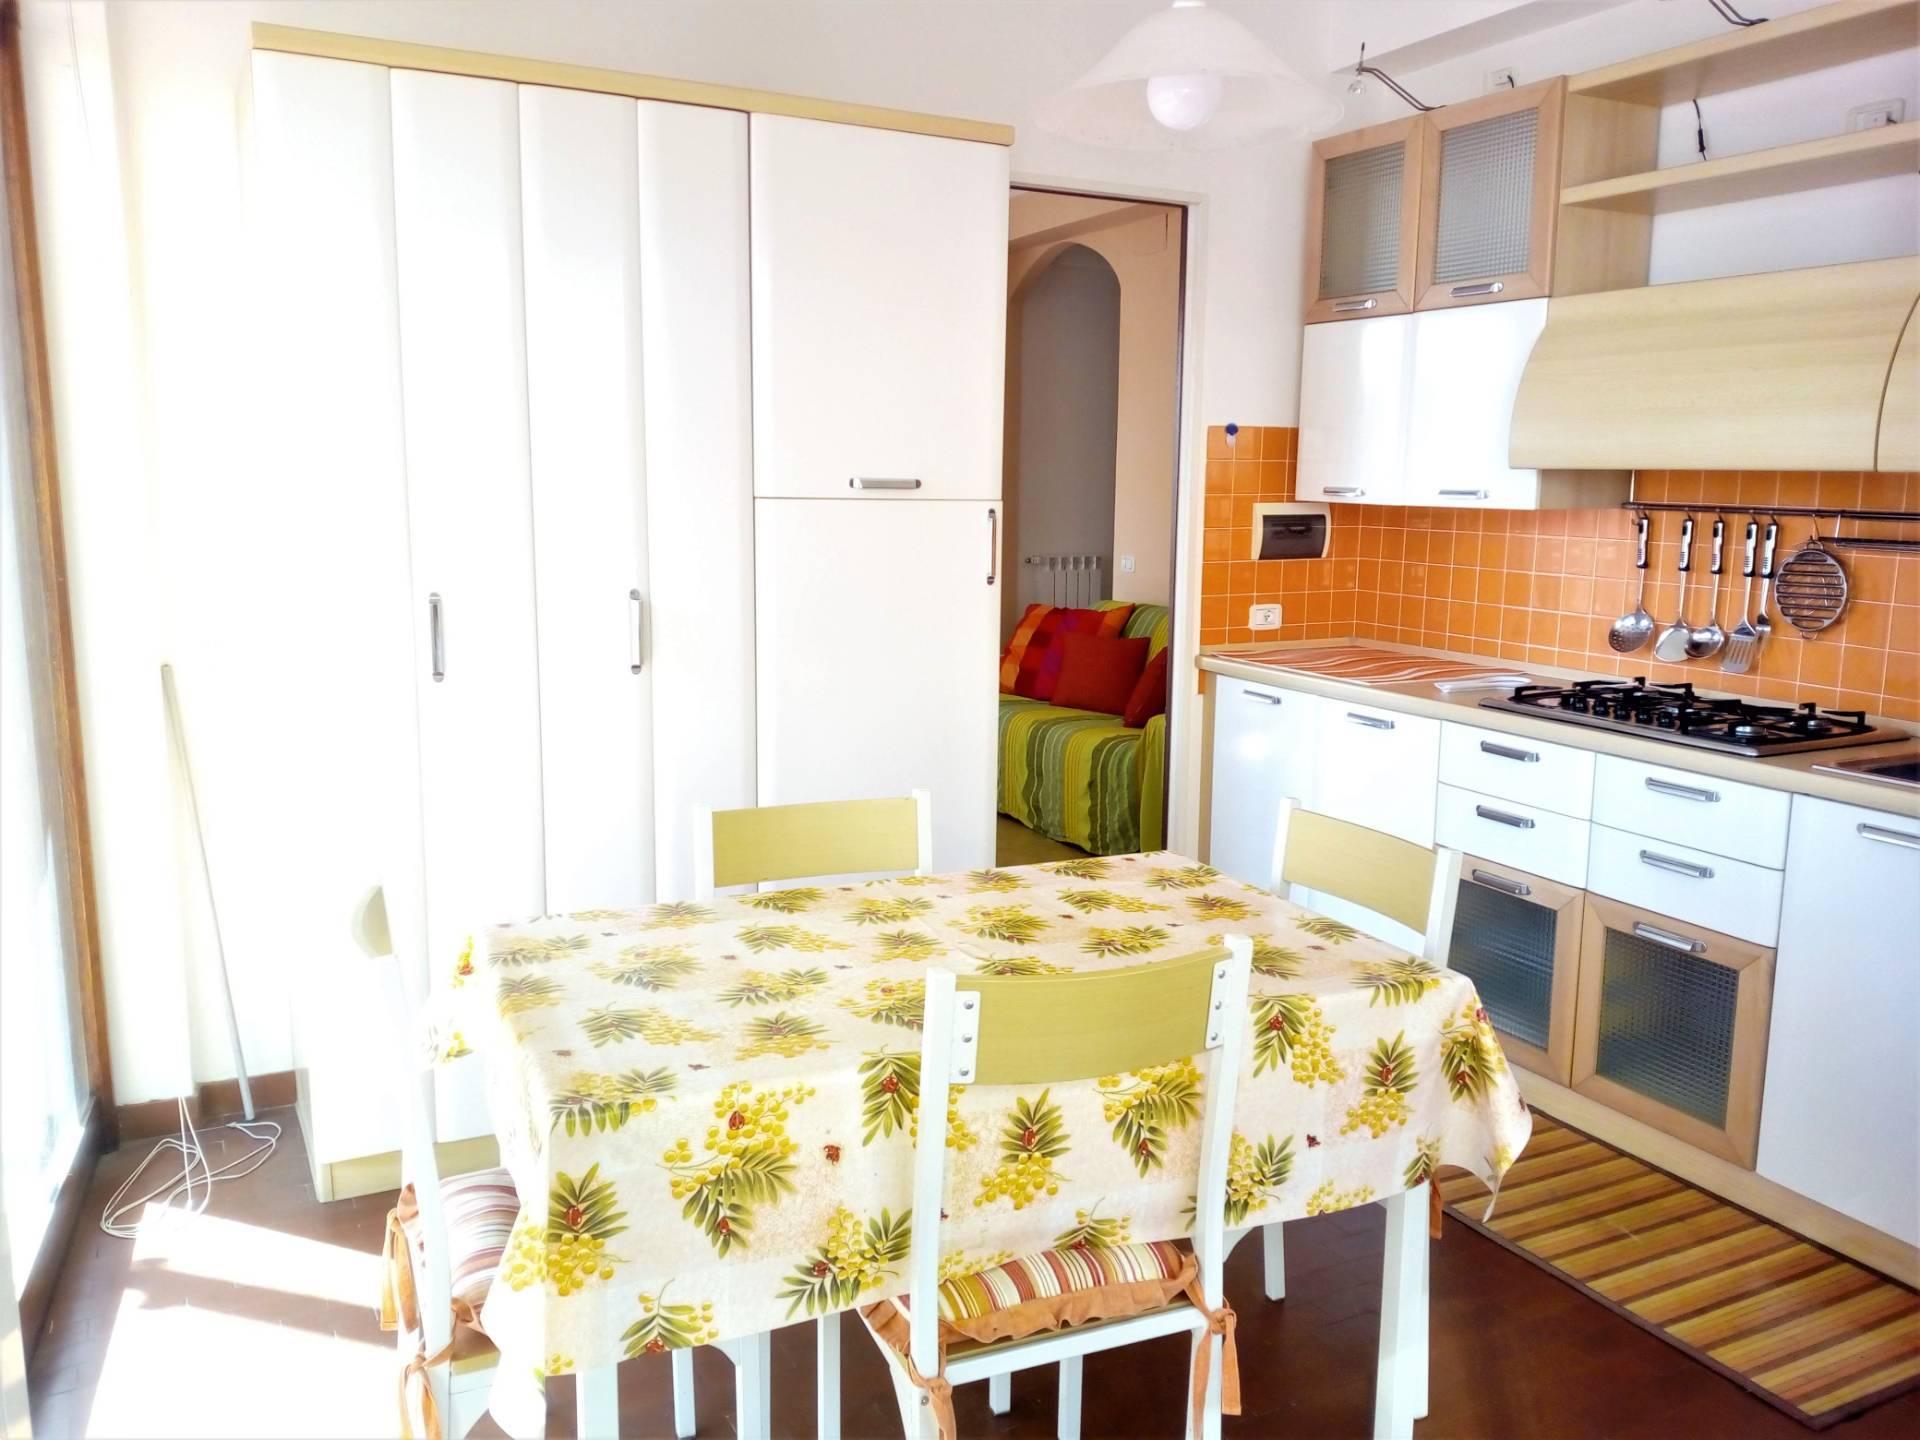 Appartamento in affitto a Albissola Marina, 4 locali, zona Località: Centro/mare, prezzo € 700 | PortaleAgenzieImmobiliari.it